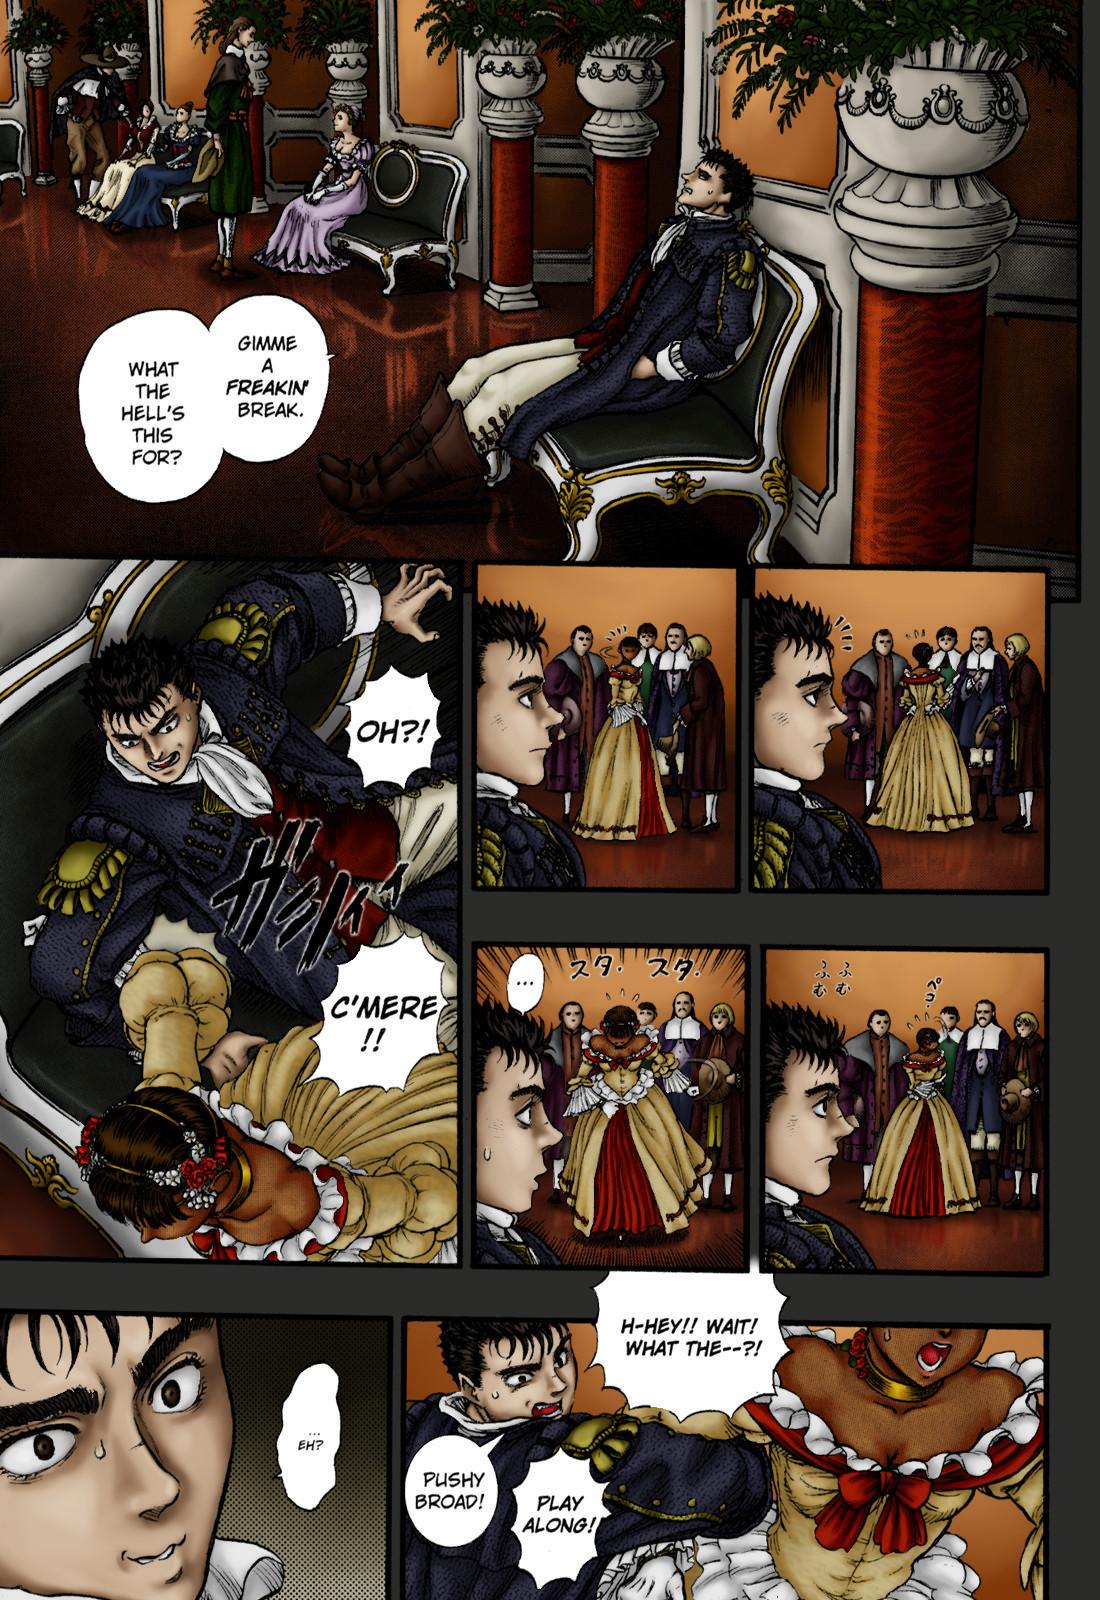 Pin by 🐠 on Berserk Berserk, Story arc, Anime